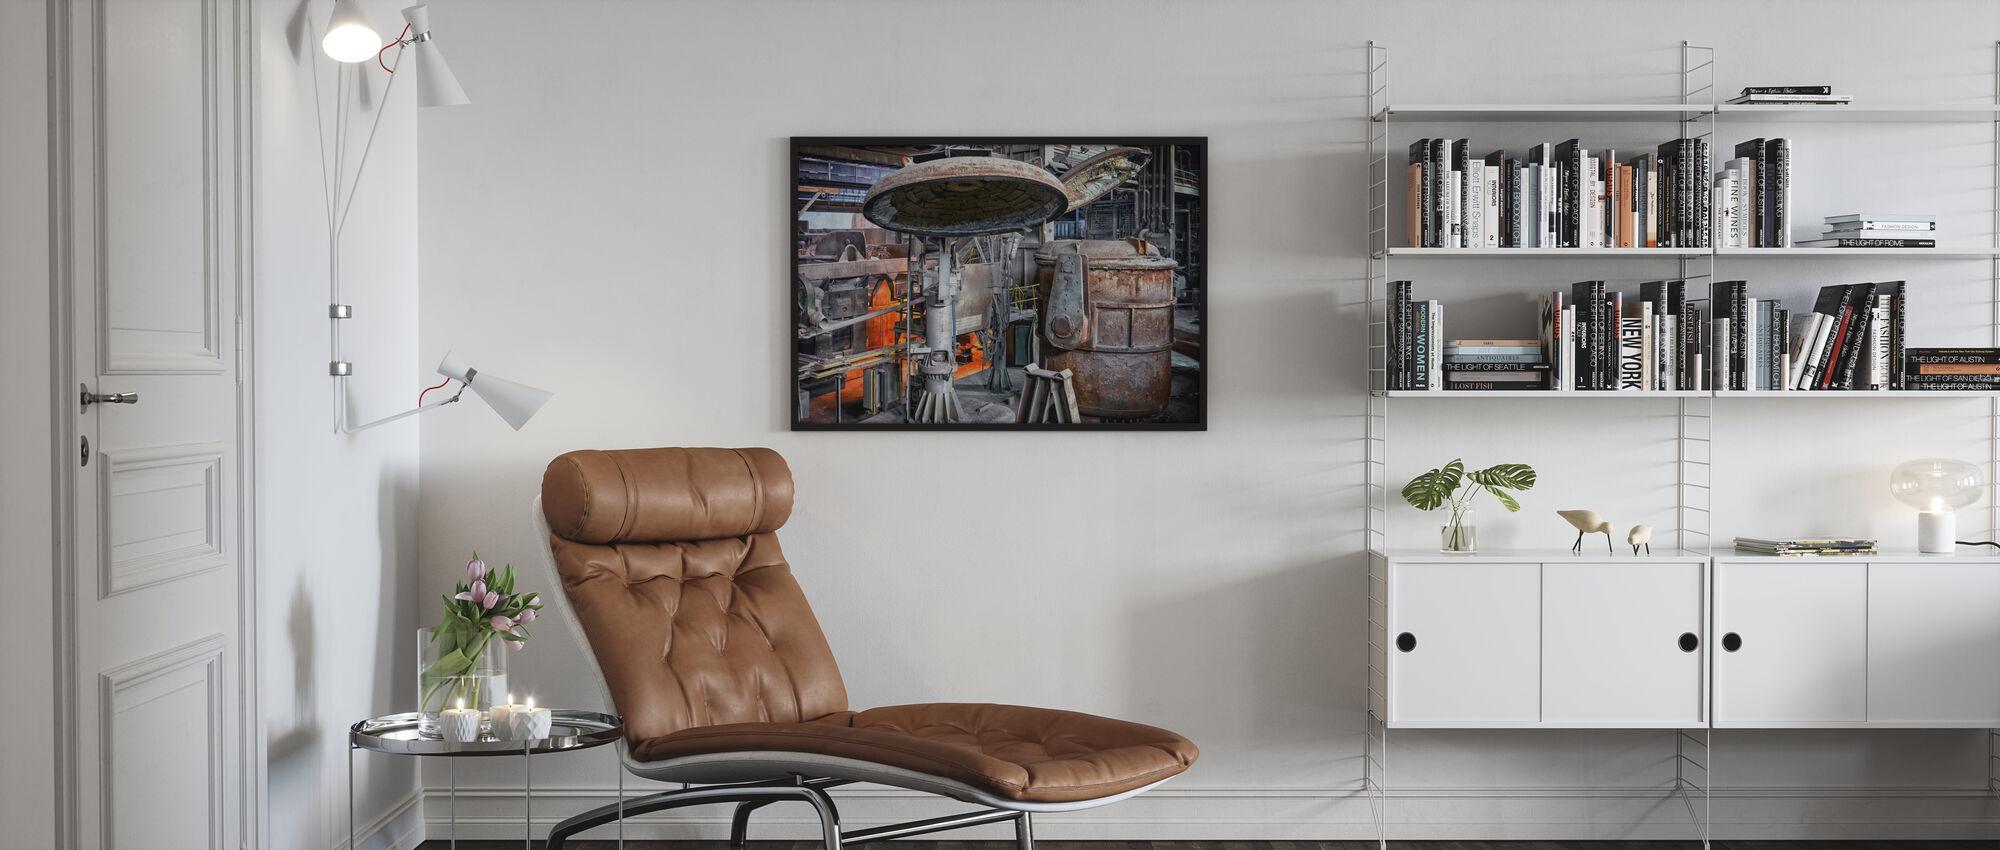 Steel Boiler Factory - Poster - Living Room